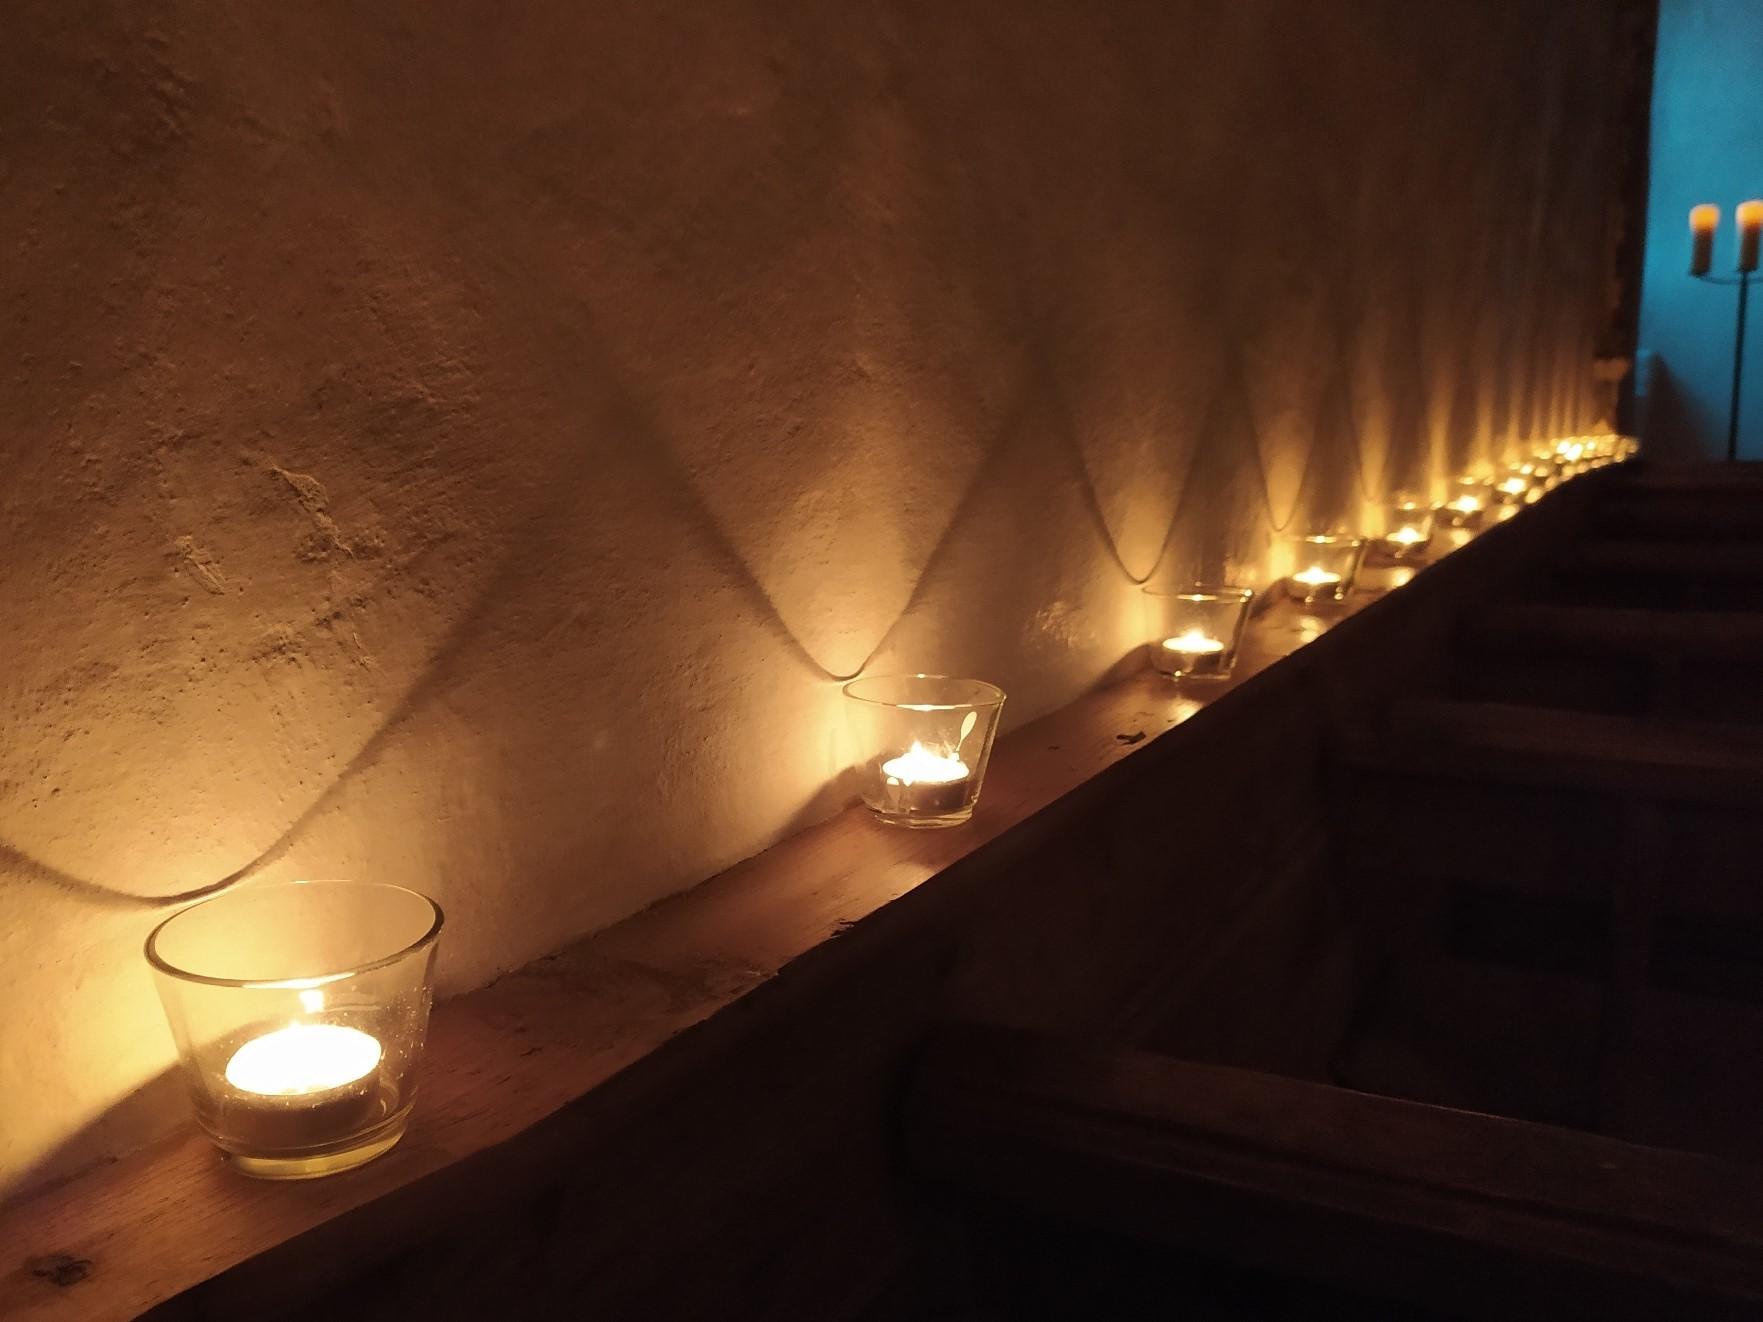 Kerzenbeleuchtung bei Taize